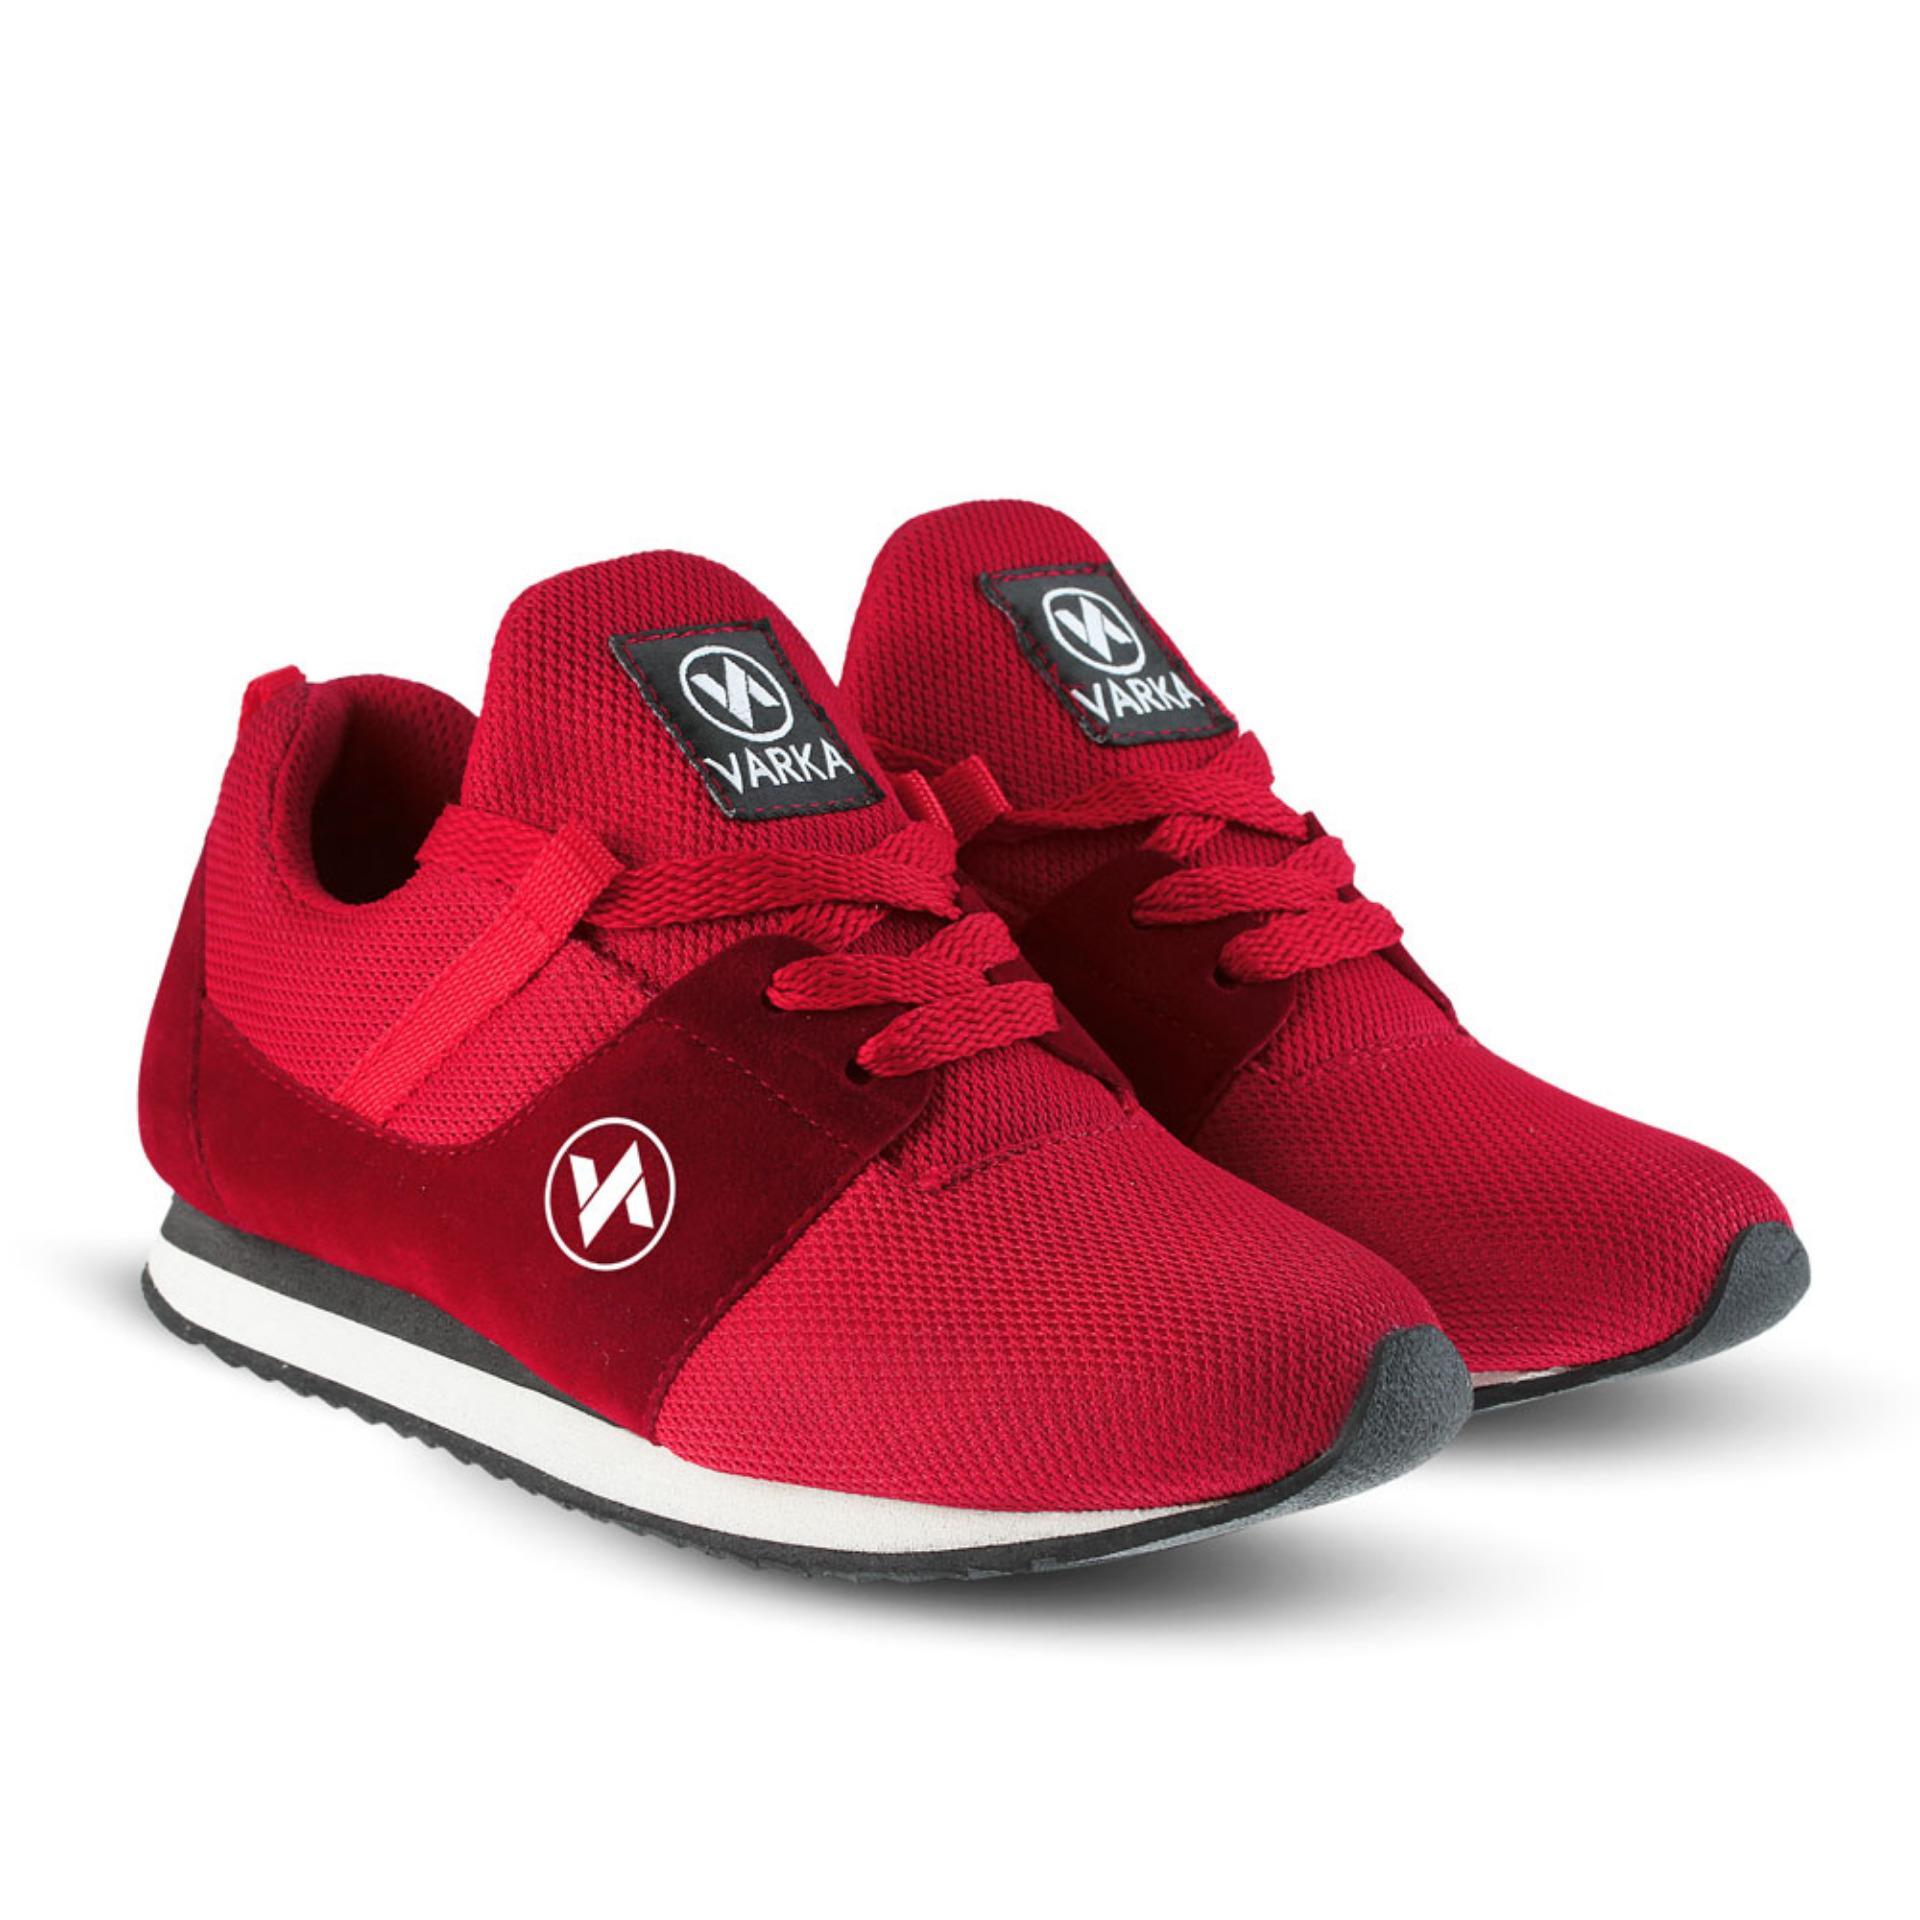 Sepatu VR 416 Sepatu Sneakers Kets dan Kasual Anak bisa untuk olahraga sekolah Jalan - Merah